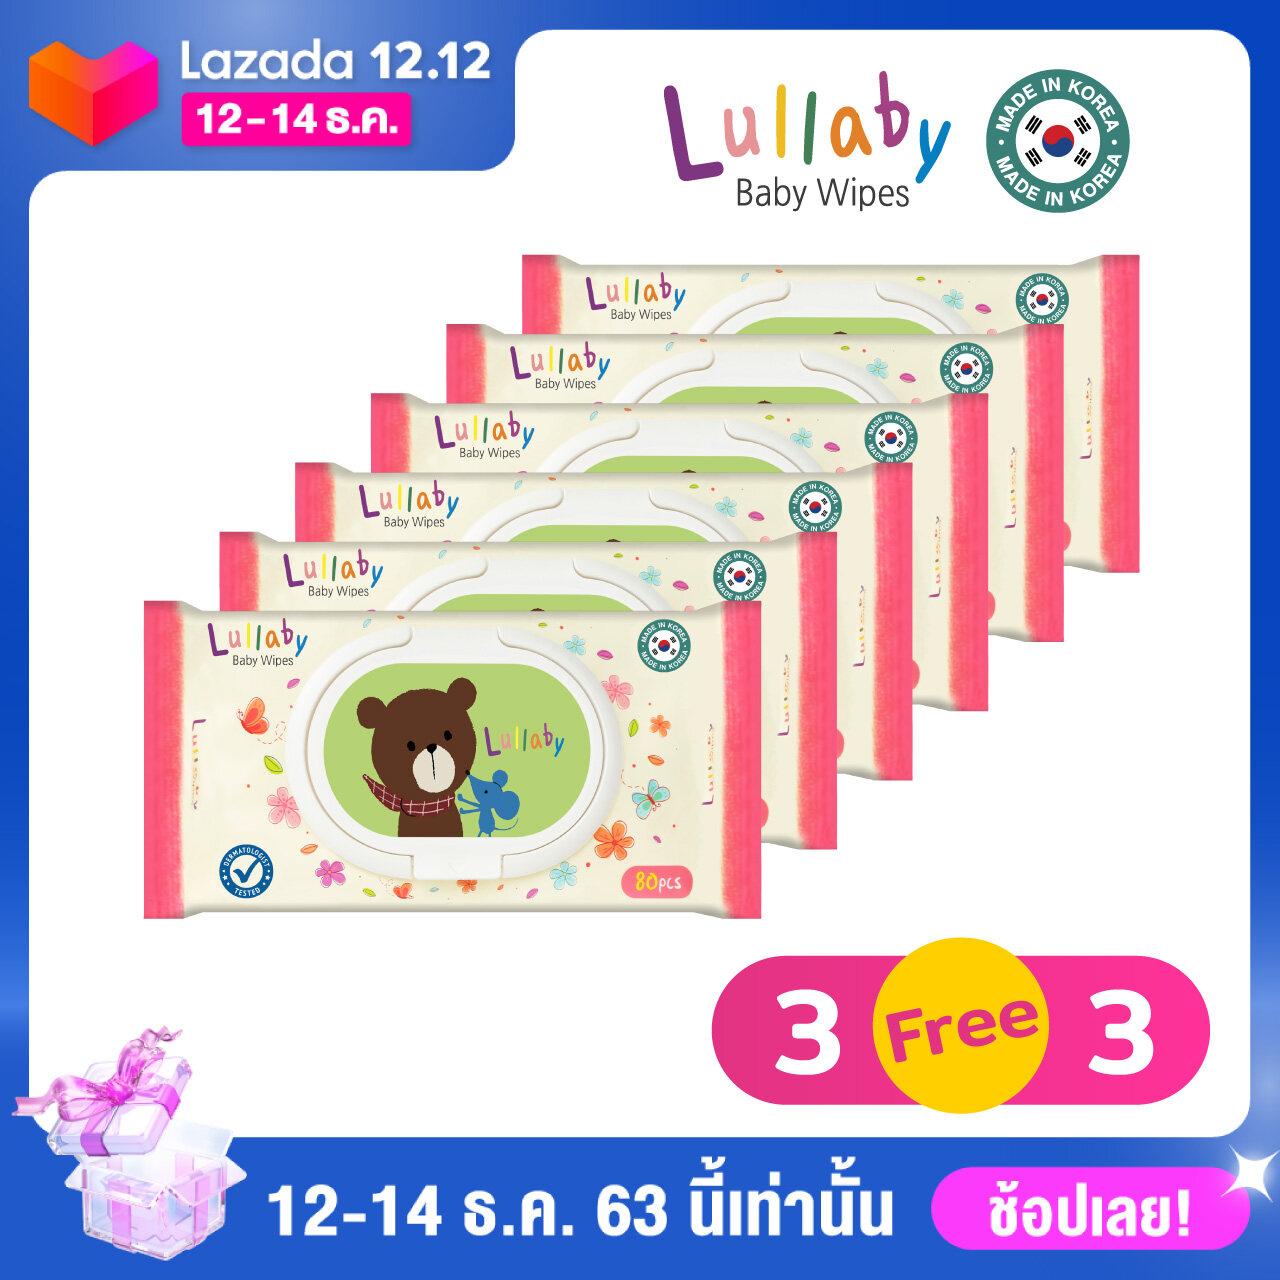 ราคา [ซื้อ 3 ฟรี 3 ]Lullaby baby wipes ทิชชู่เปียกลัลลาบาย (80แผ่น) สูตรน้ำแร่จากฝรั่งเศส